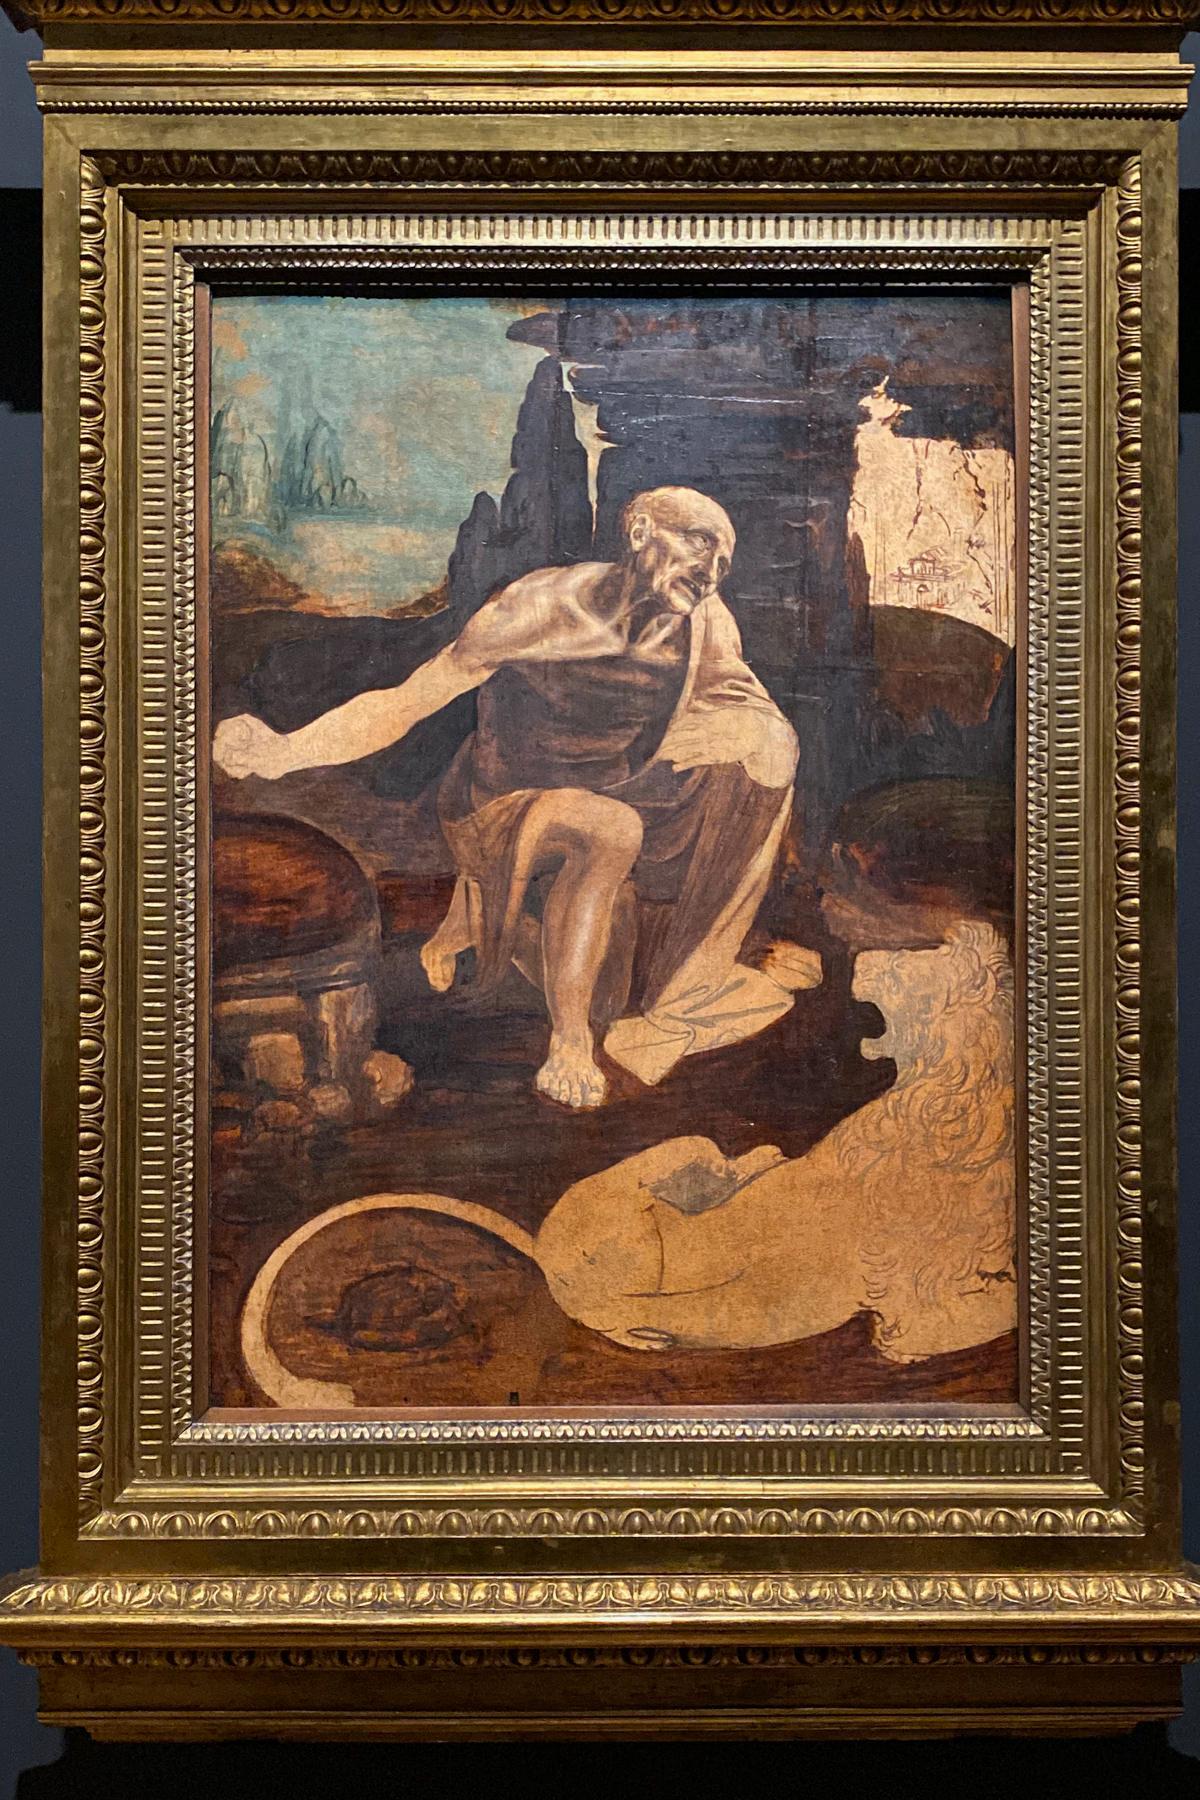 Leonardo da Vinci Exhibition in the Louvre Museum: Saint Jerome in the Wilderness